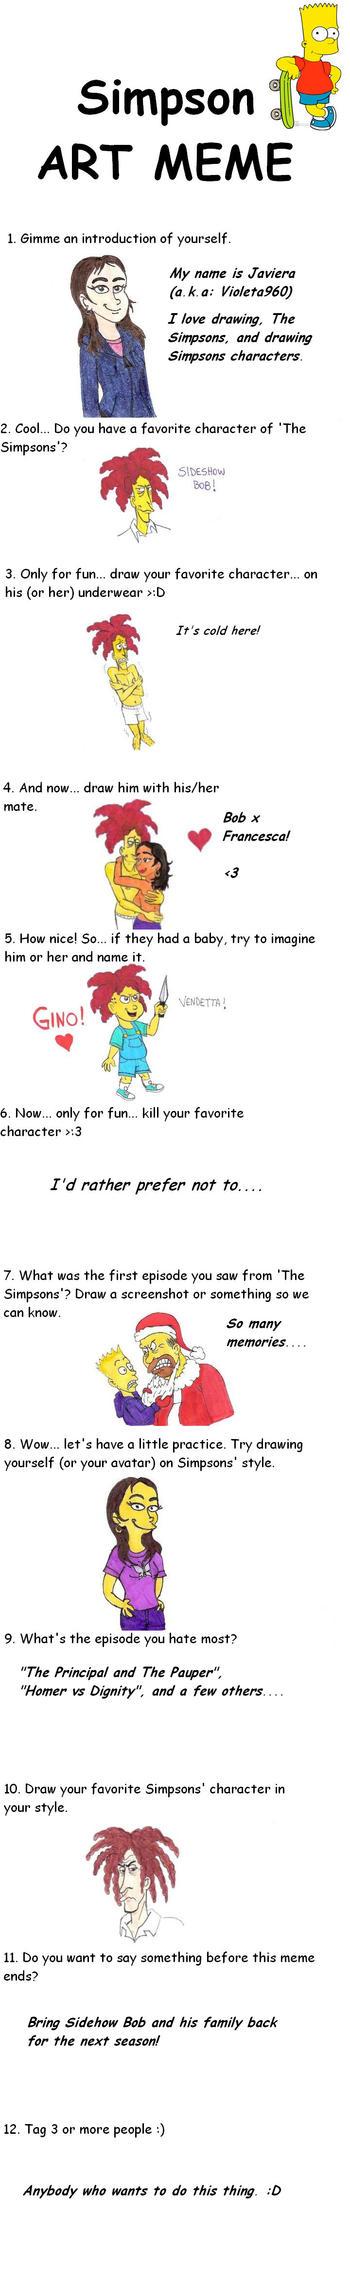 Simpsons Meme by Violeta960